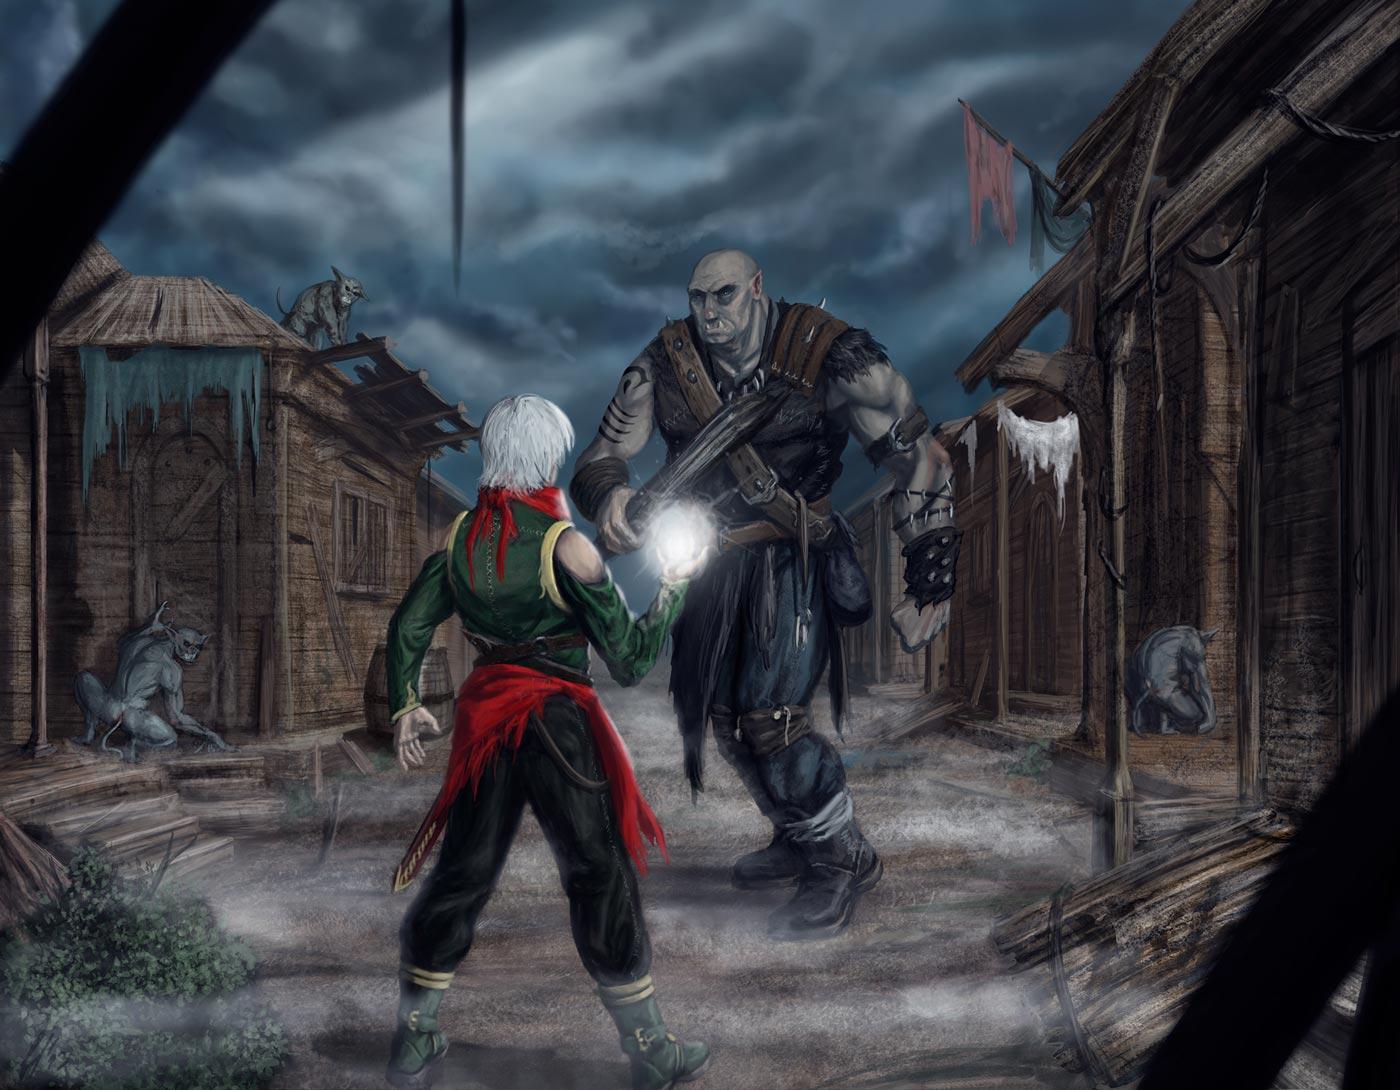 Immagine di Elamar e di un gigante - Illustrazione fantasy tratta da Ombre dal Passato - Le Cronache dei 5 Regni - Elvio Ravasio, autore di libri fantasy